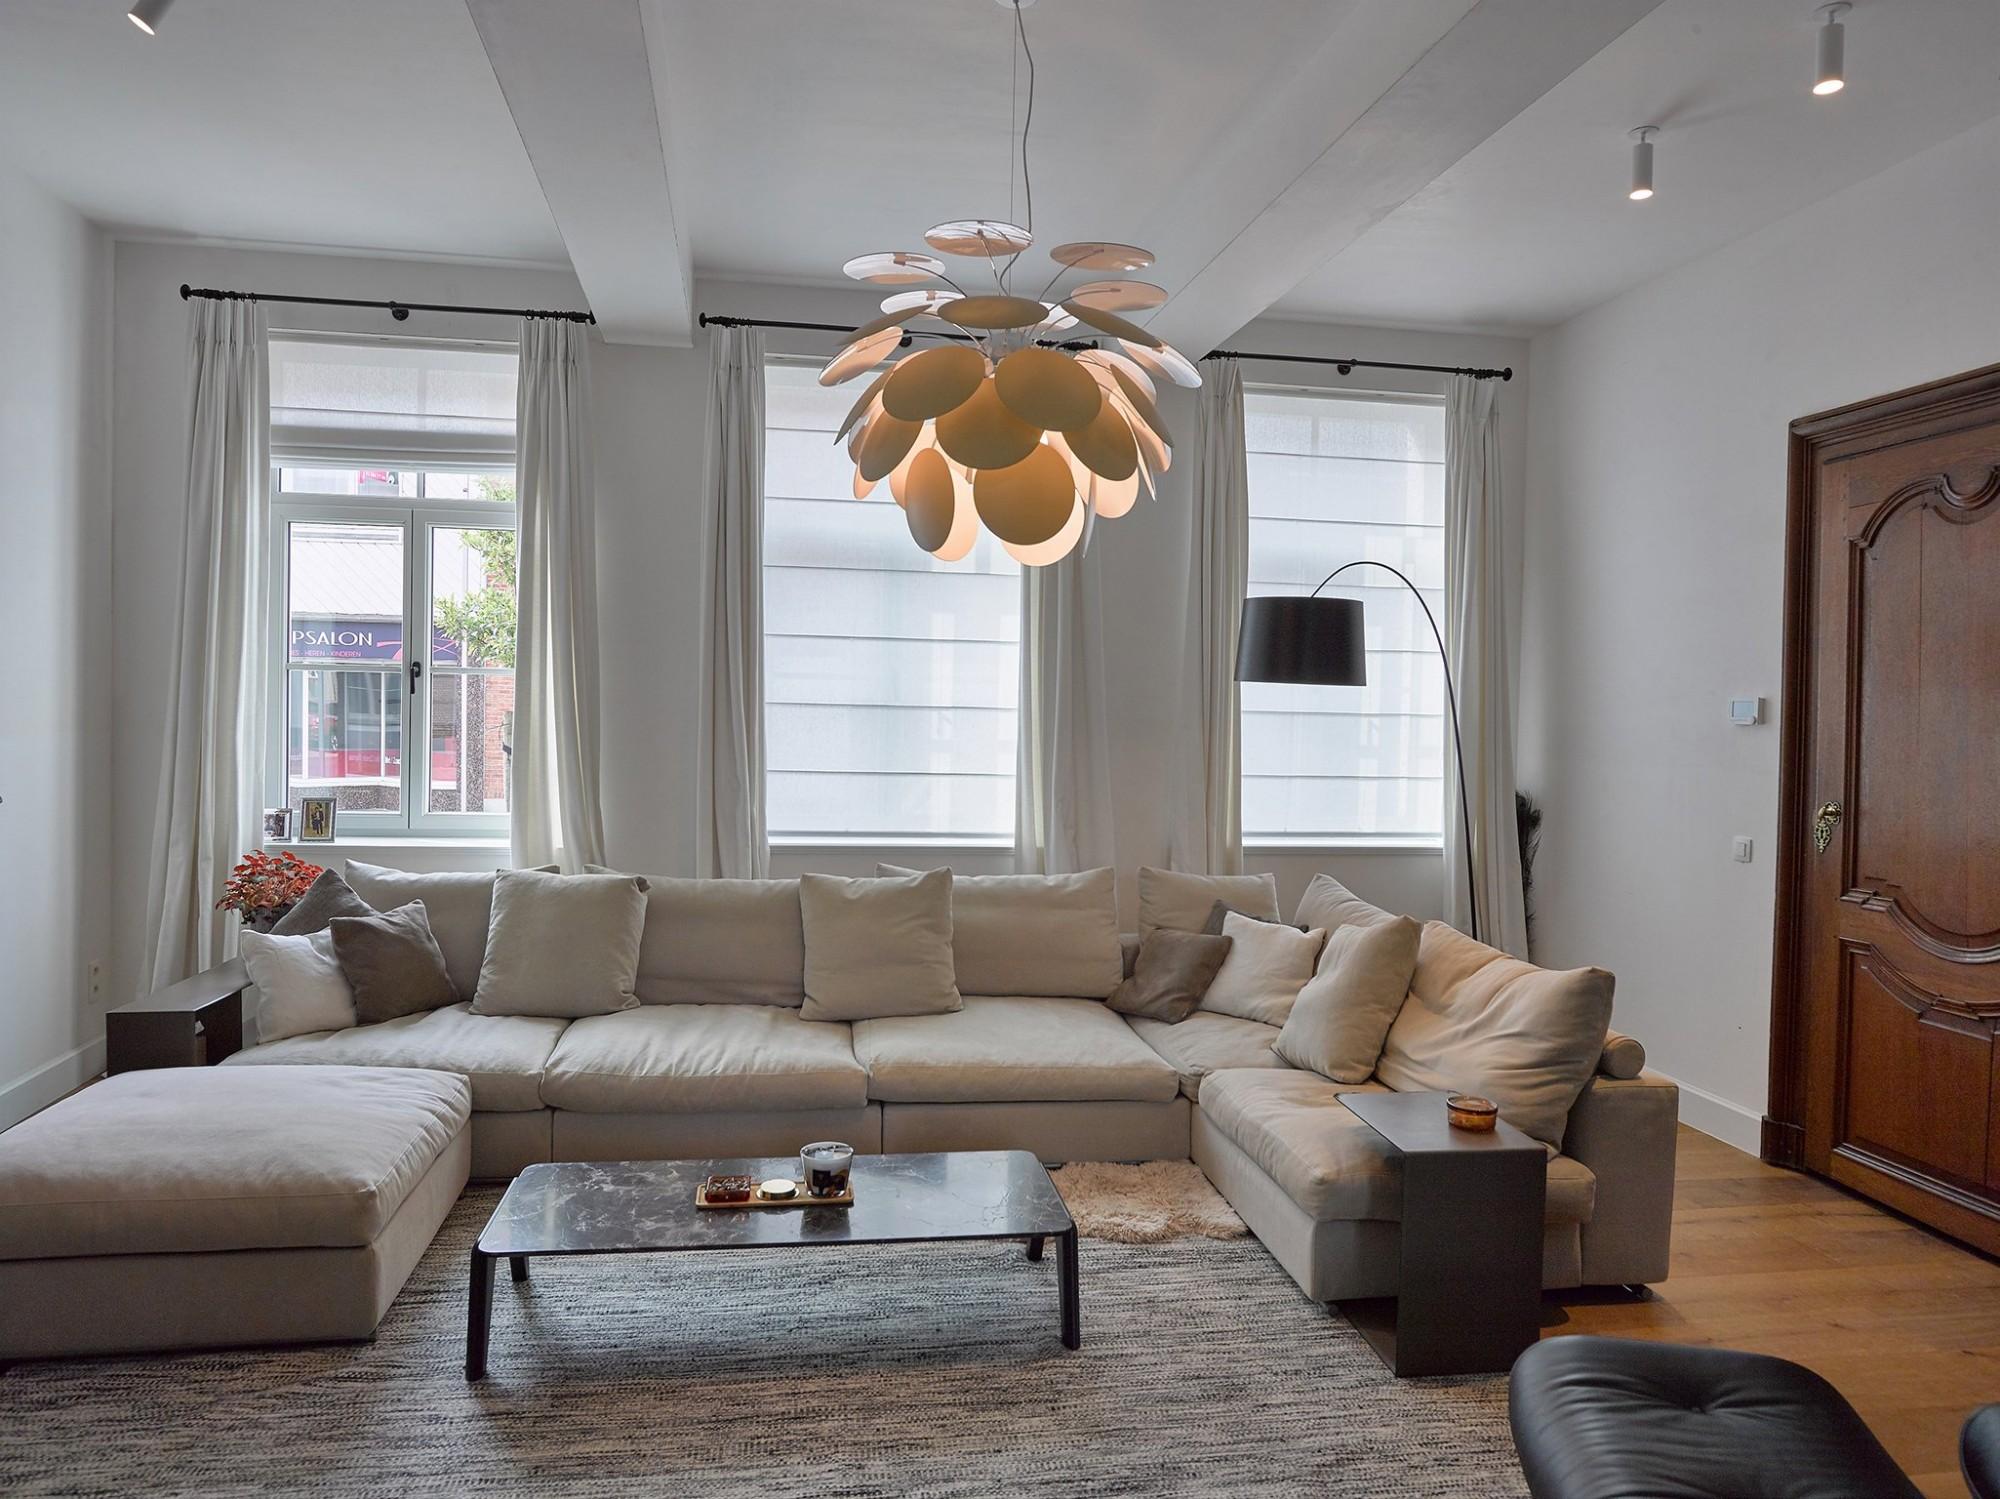 Afbeelding: Fotografie woning interieur voor De Clerck pvc ramen en deuren, foto Van Huffel